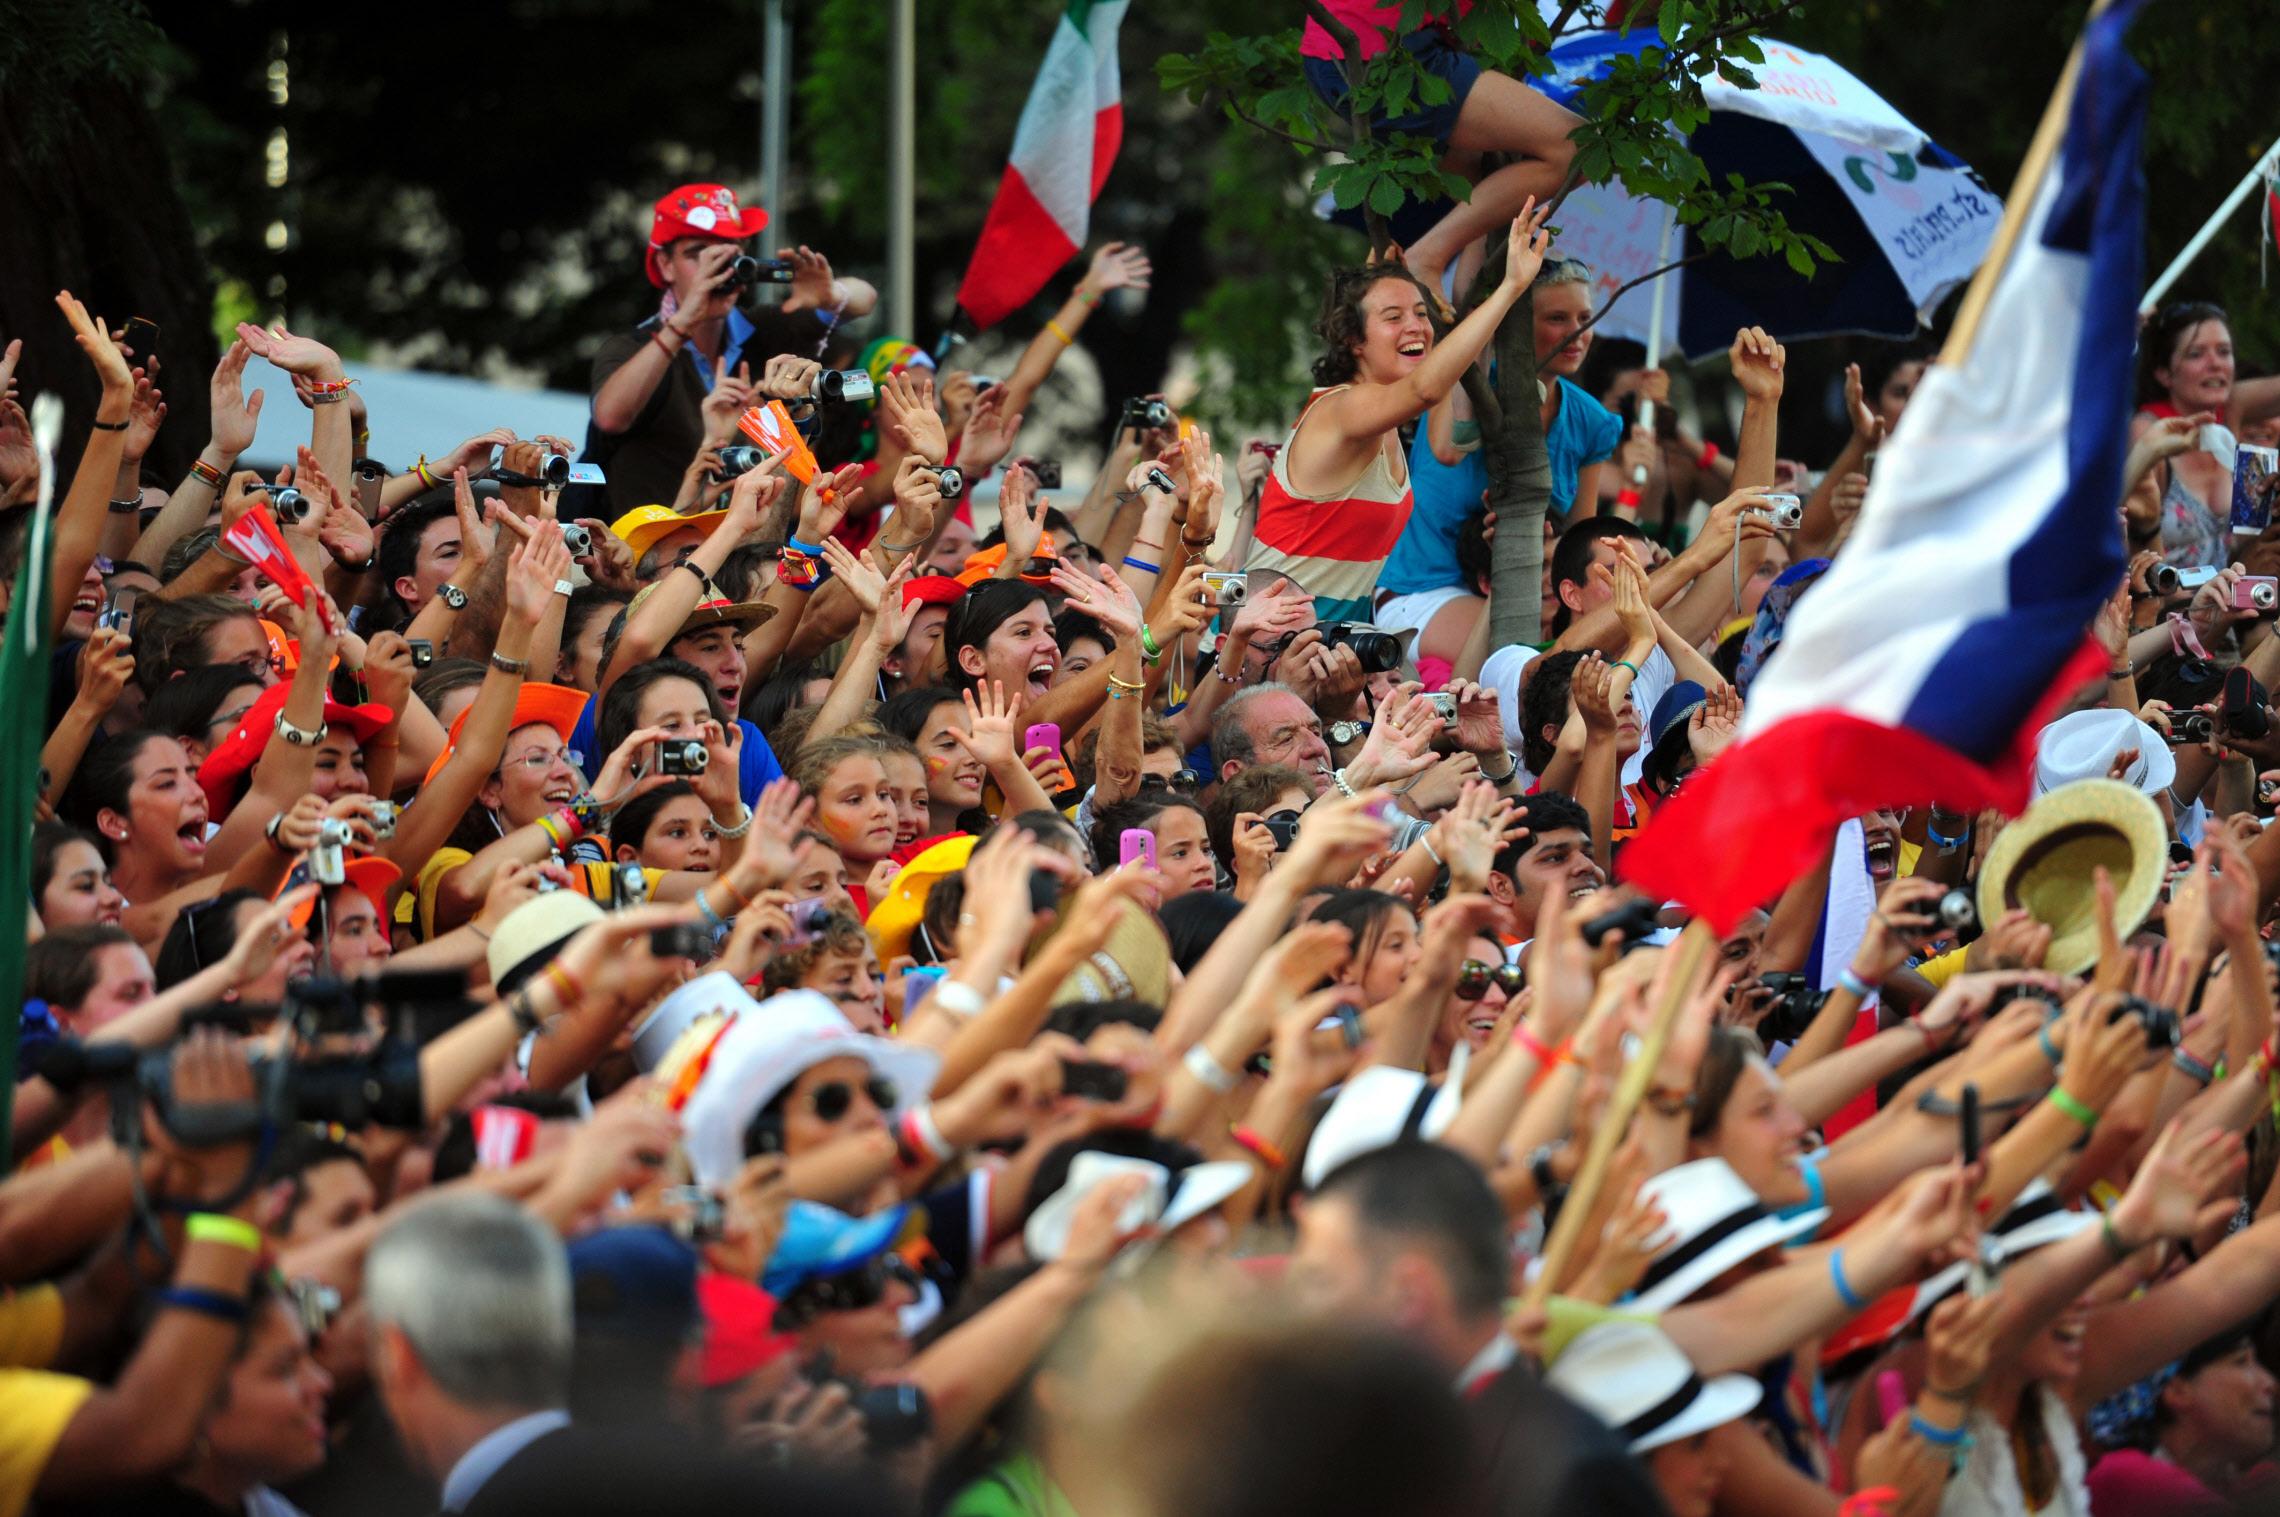 19 août 2011: Foule lors de la Via Crucis organisée pendant les JMJ 2011, Madrid, Espagne.